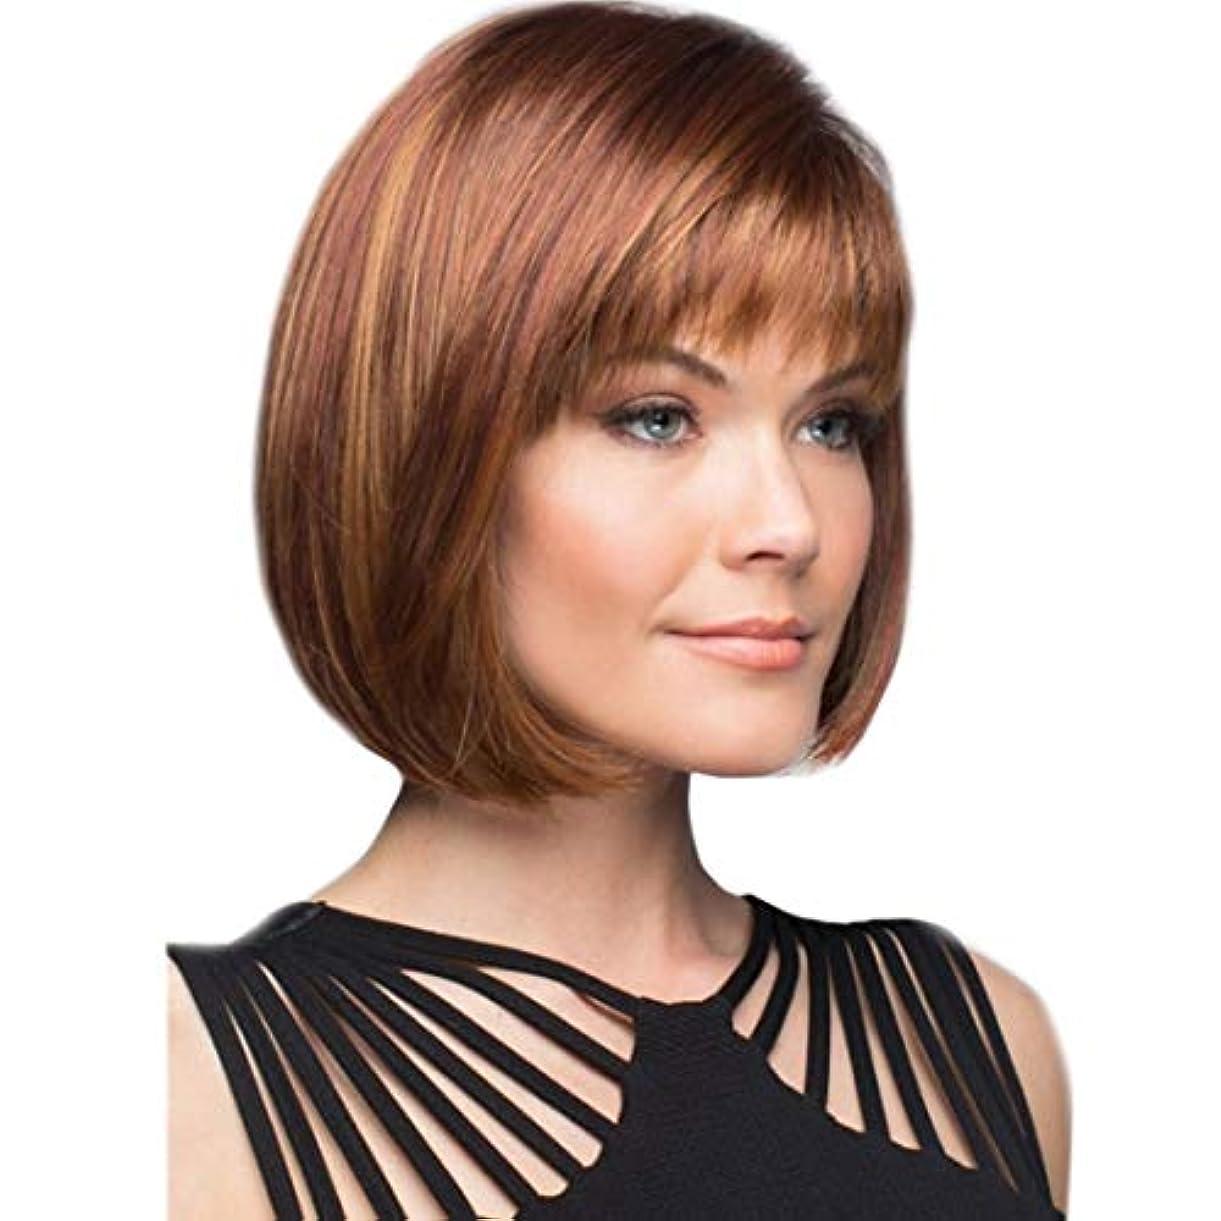 ビルダークラウド要塞Summerys ショートボブの髪ウィッグストレート前髪付き合成カラフルなコスプレデイリーパーティーウィッグ本物の髪として自然な女性のための